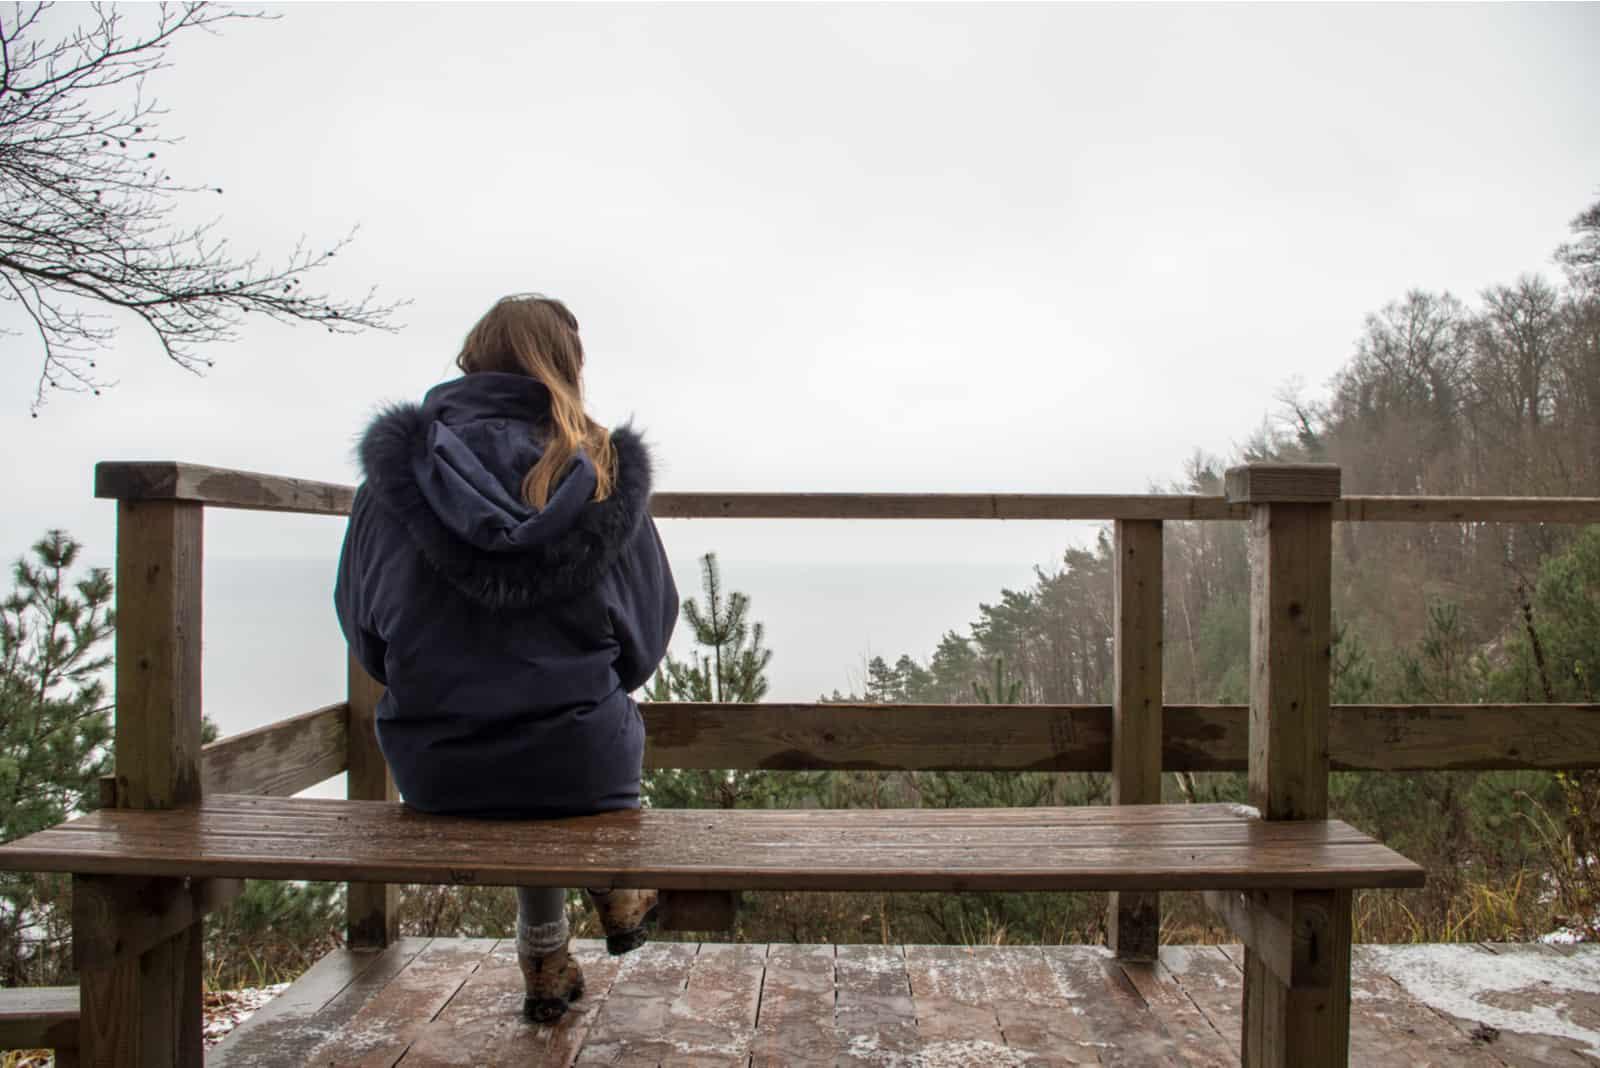 Une femme aux longs cheveux bruns attachés en queue de cheval est assise sur un banc